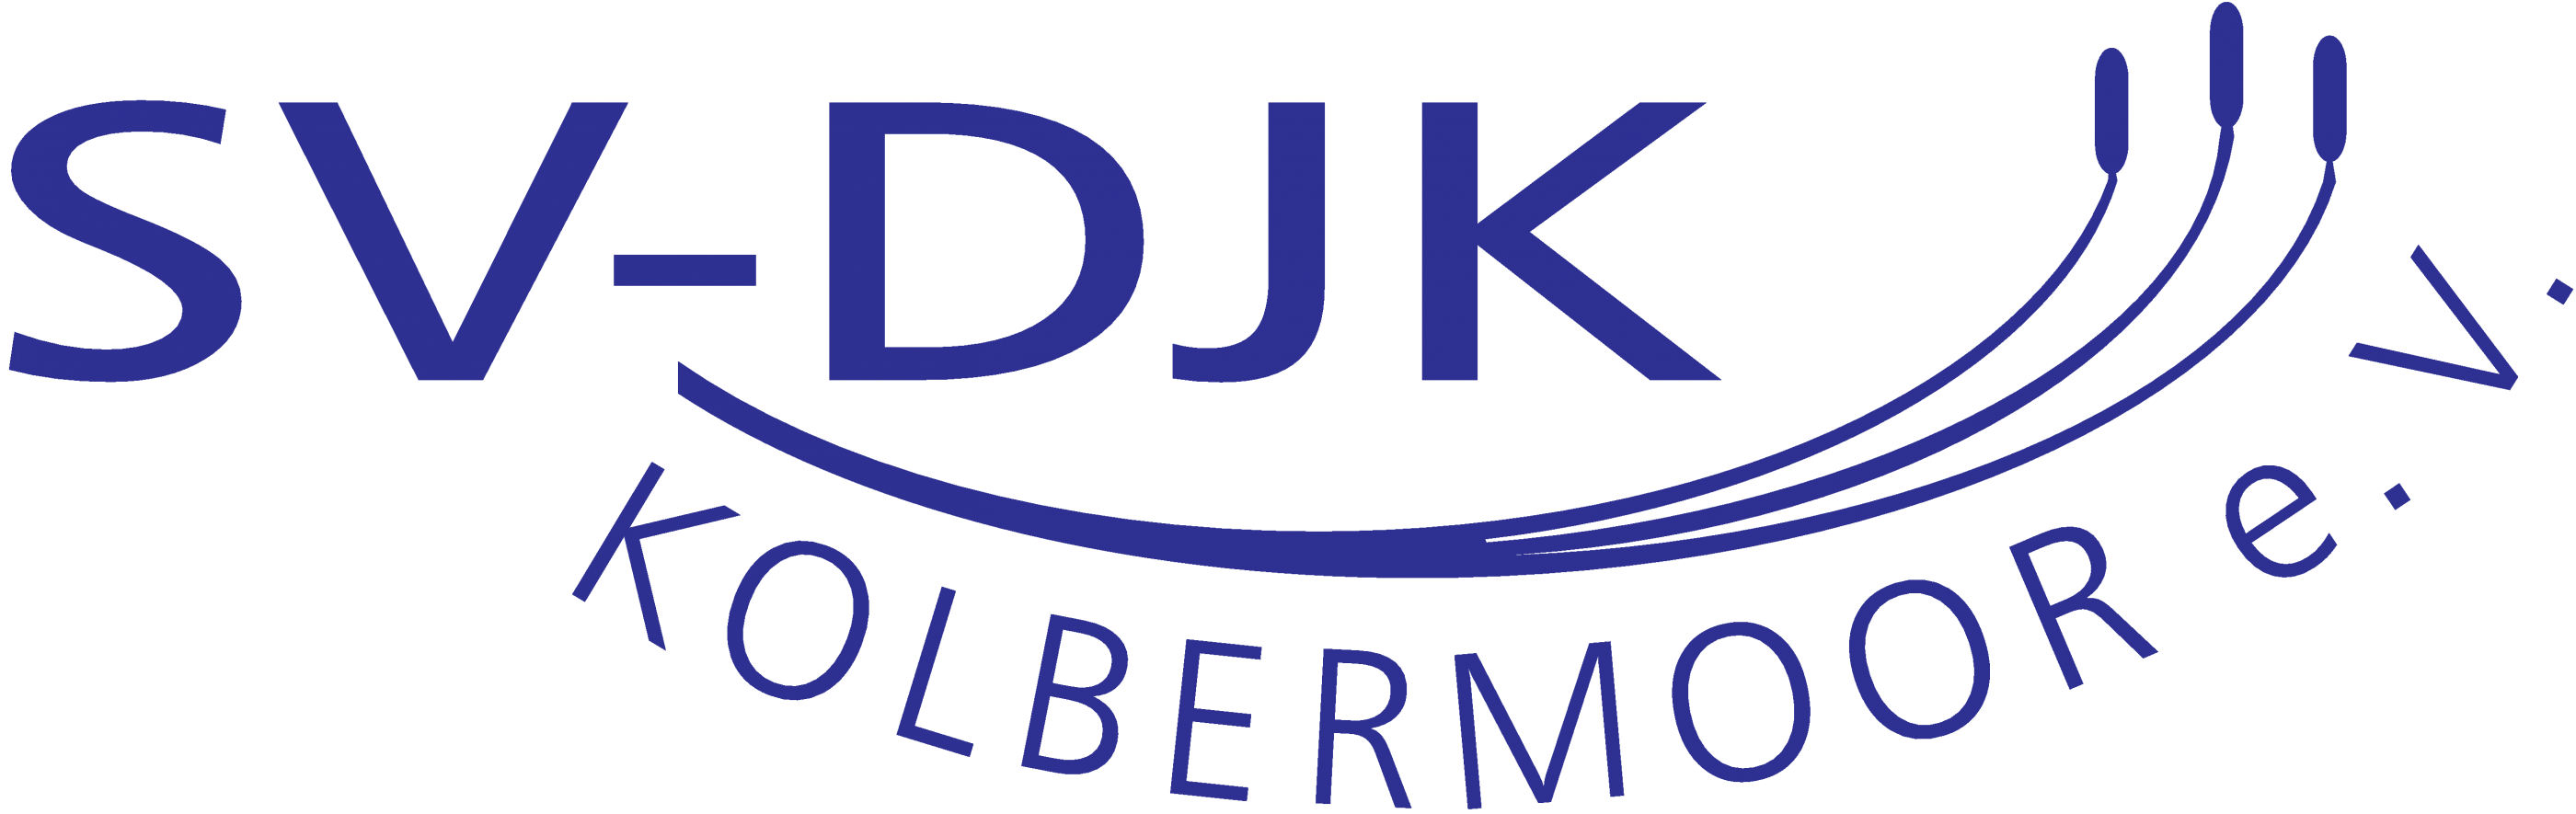 Logo_svdjkblautransparent